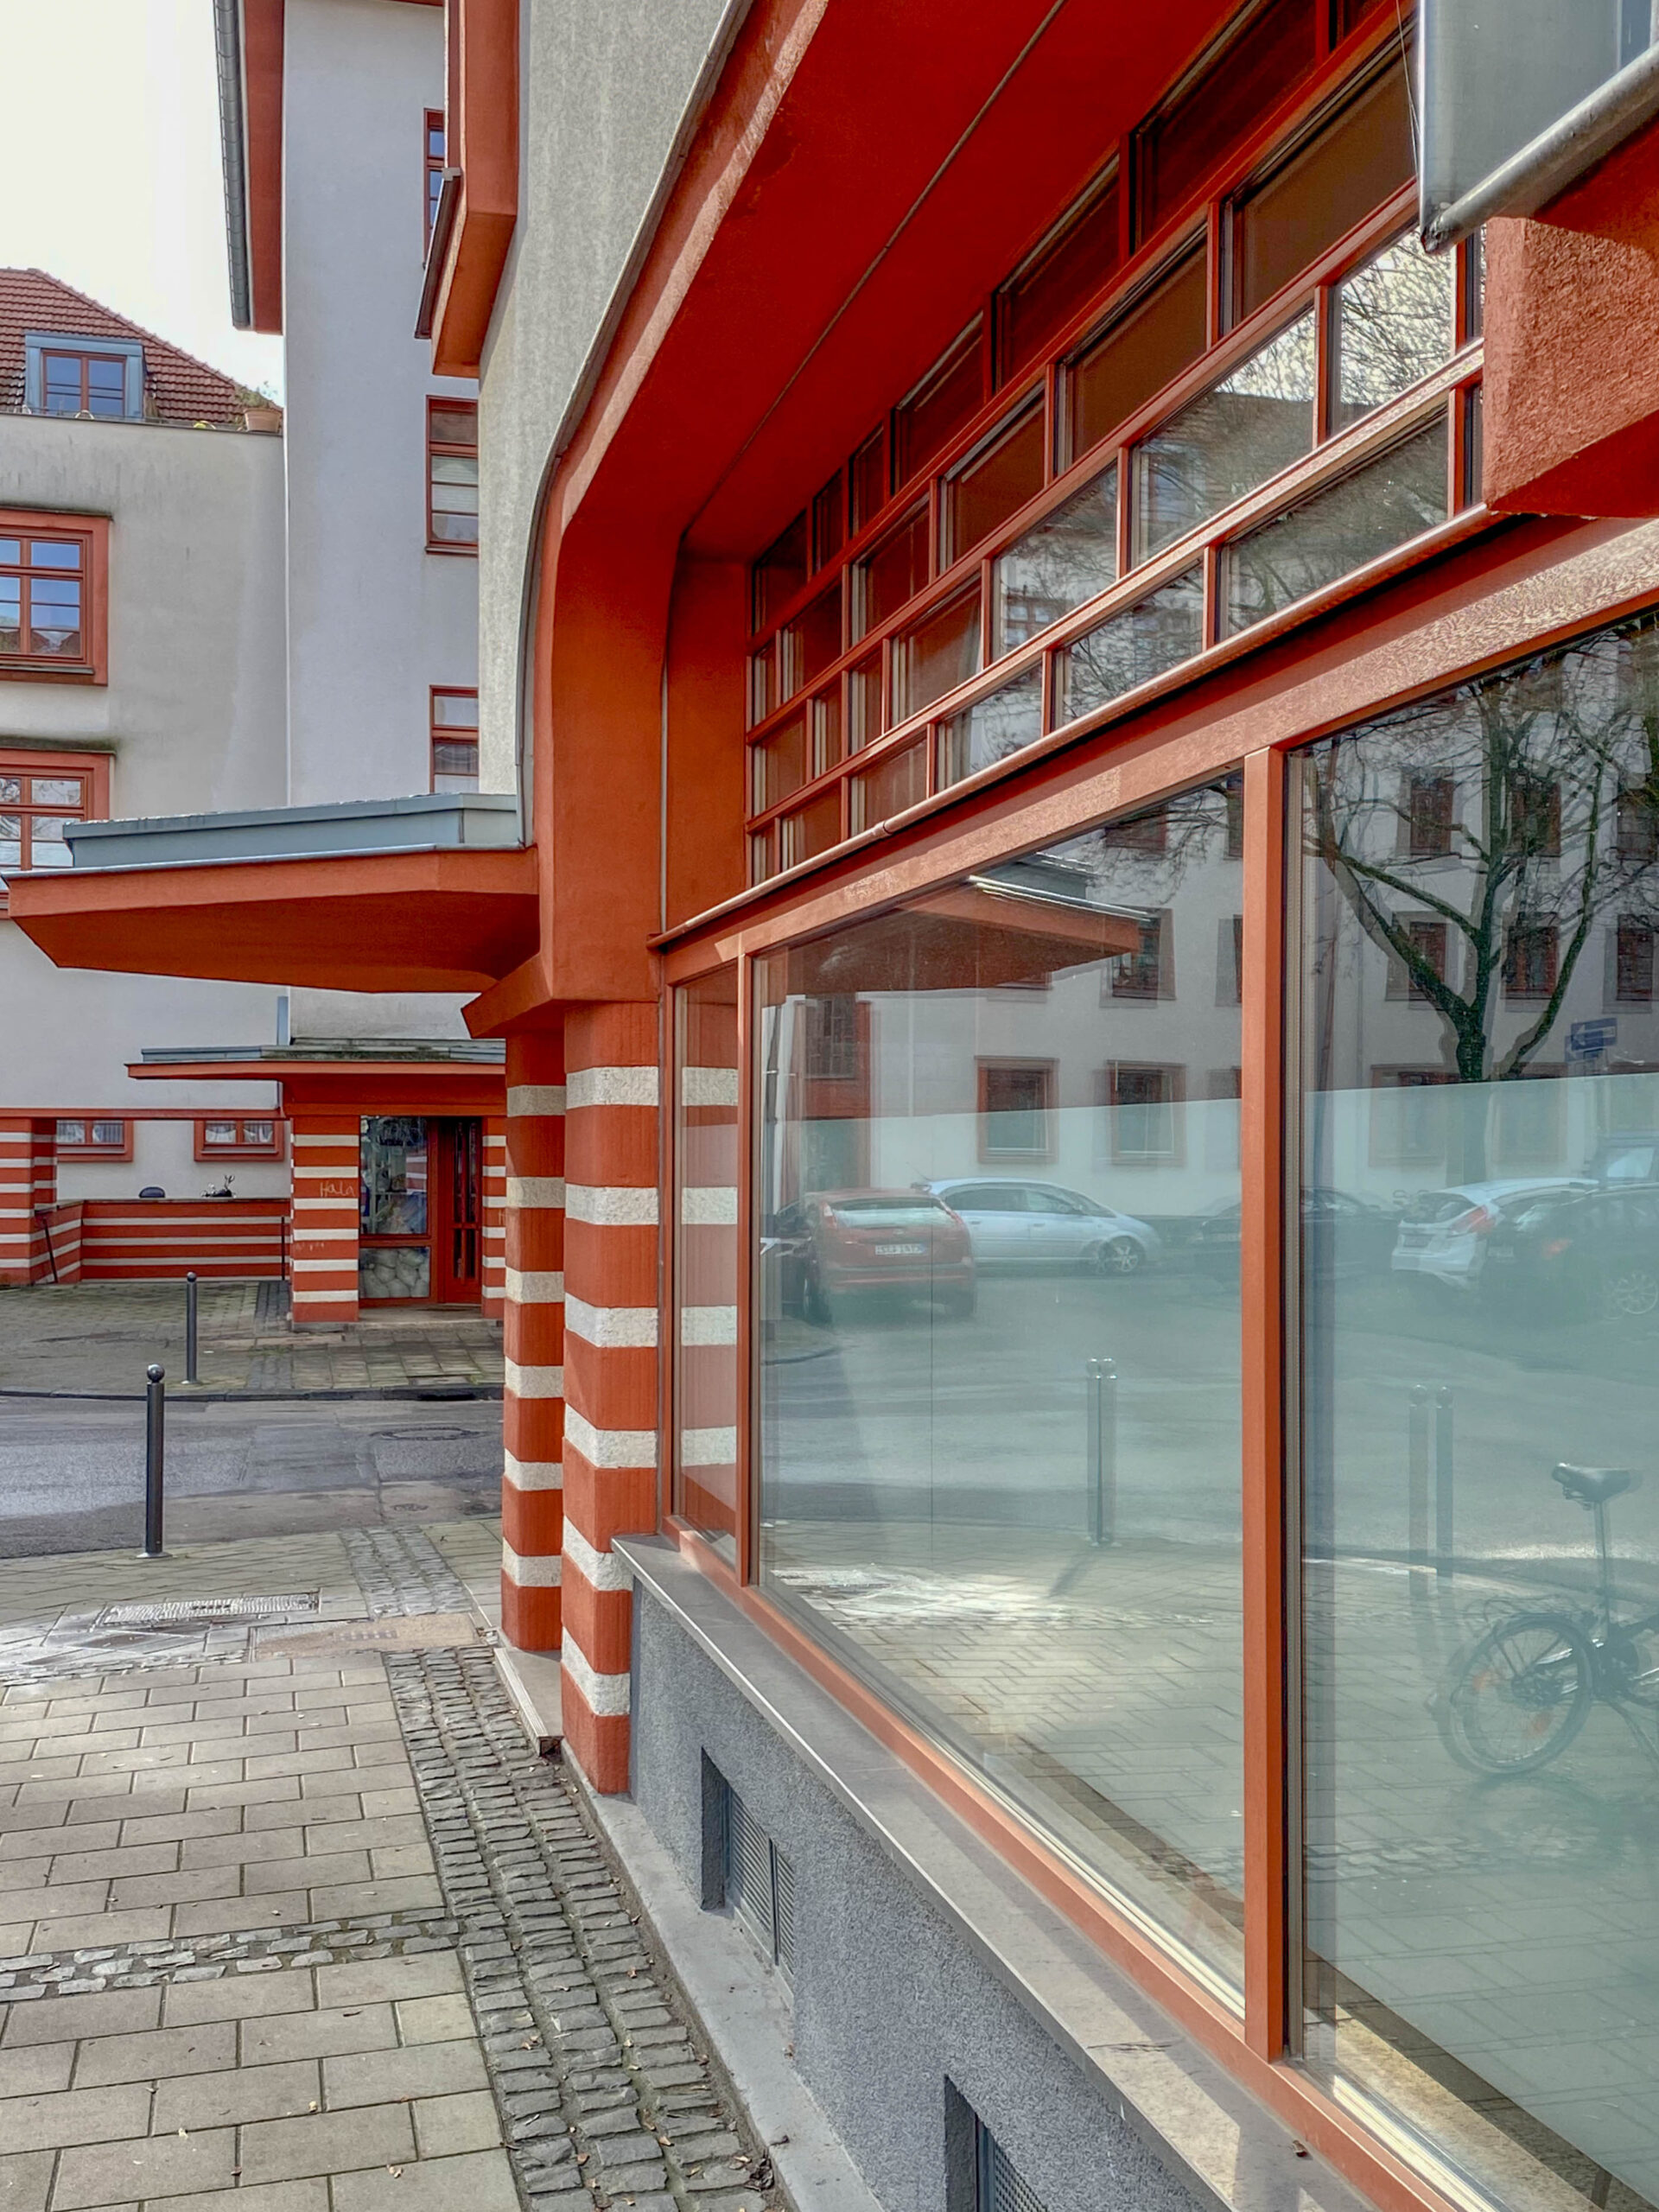 Naumann Siedlung, 1927-1929. Architects: Manfred Faber, Otto Scheib, Fritz Fuß, Hans Heinz Lüttgen